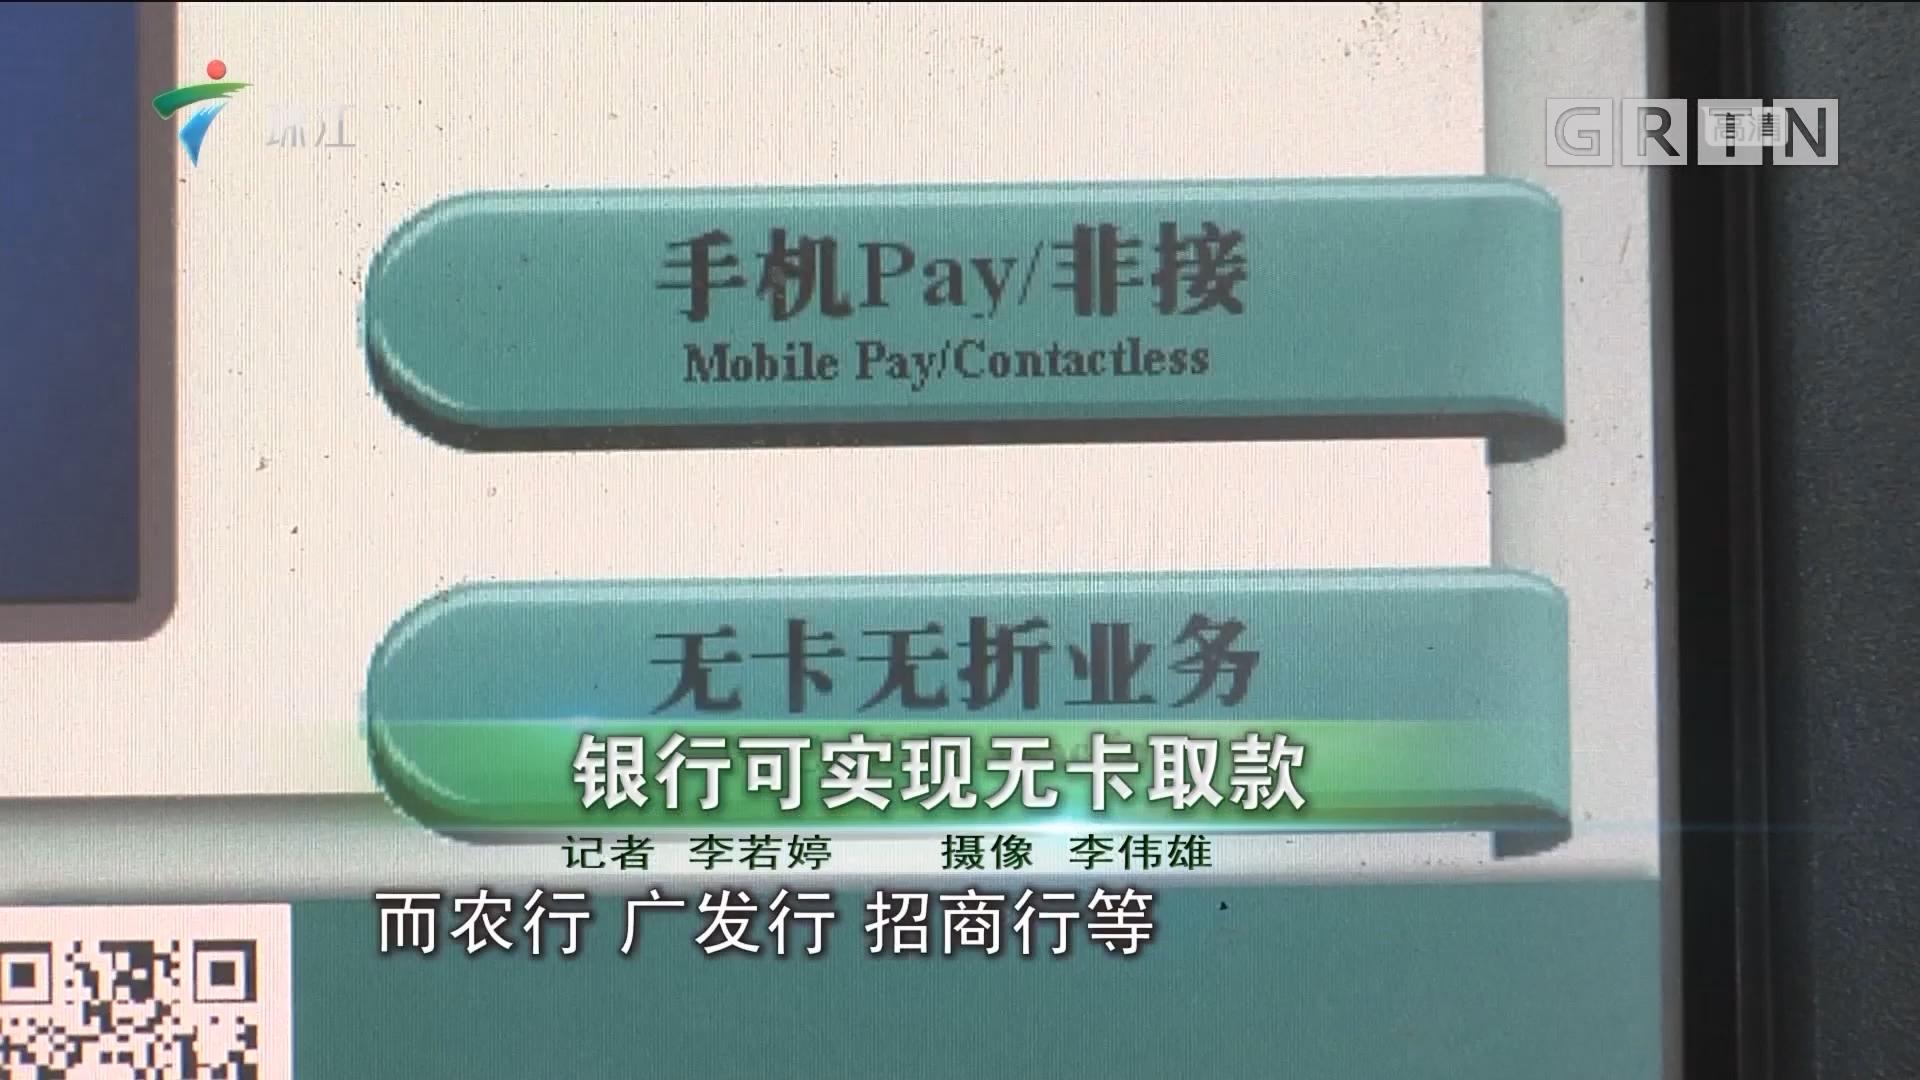 银行可实现无卡取款